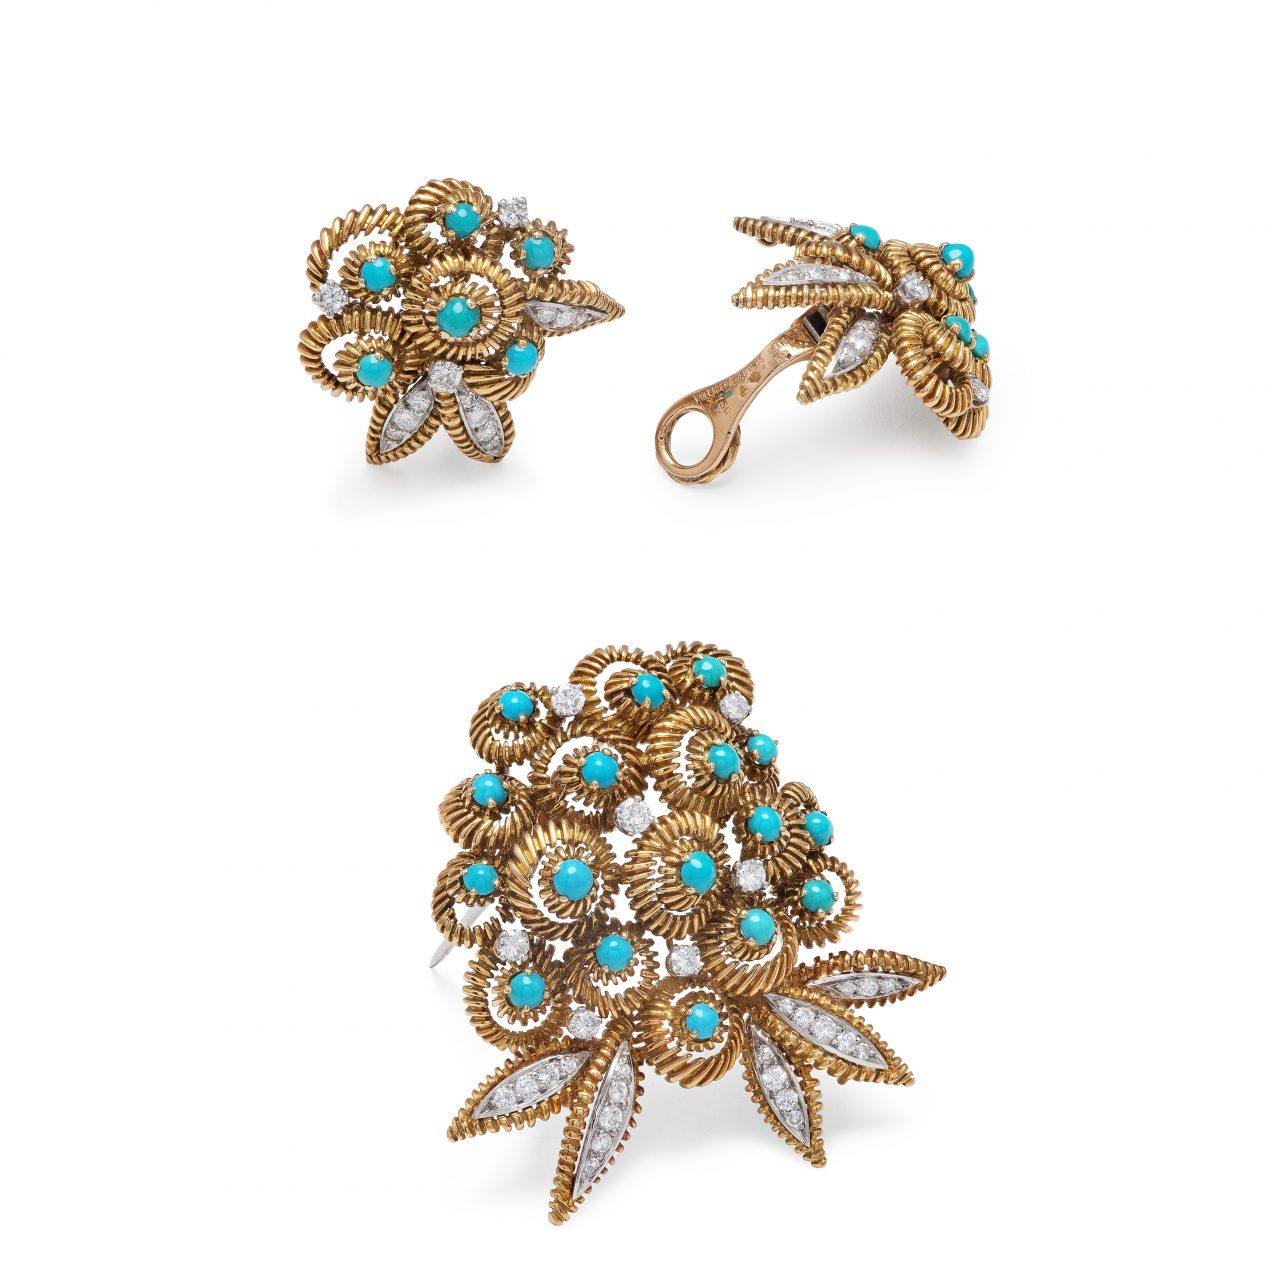 Parure di Van Cleef & Arpels composta da Spilla e orecchini in oro giallo con Turchesi e diamanti